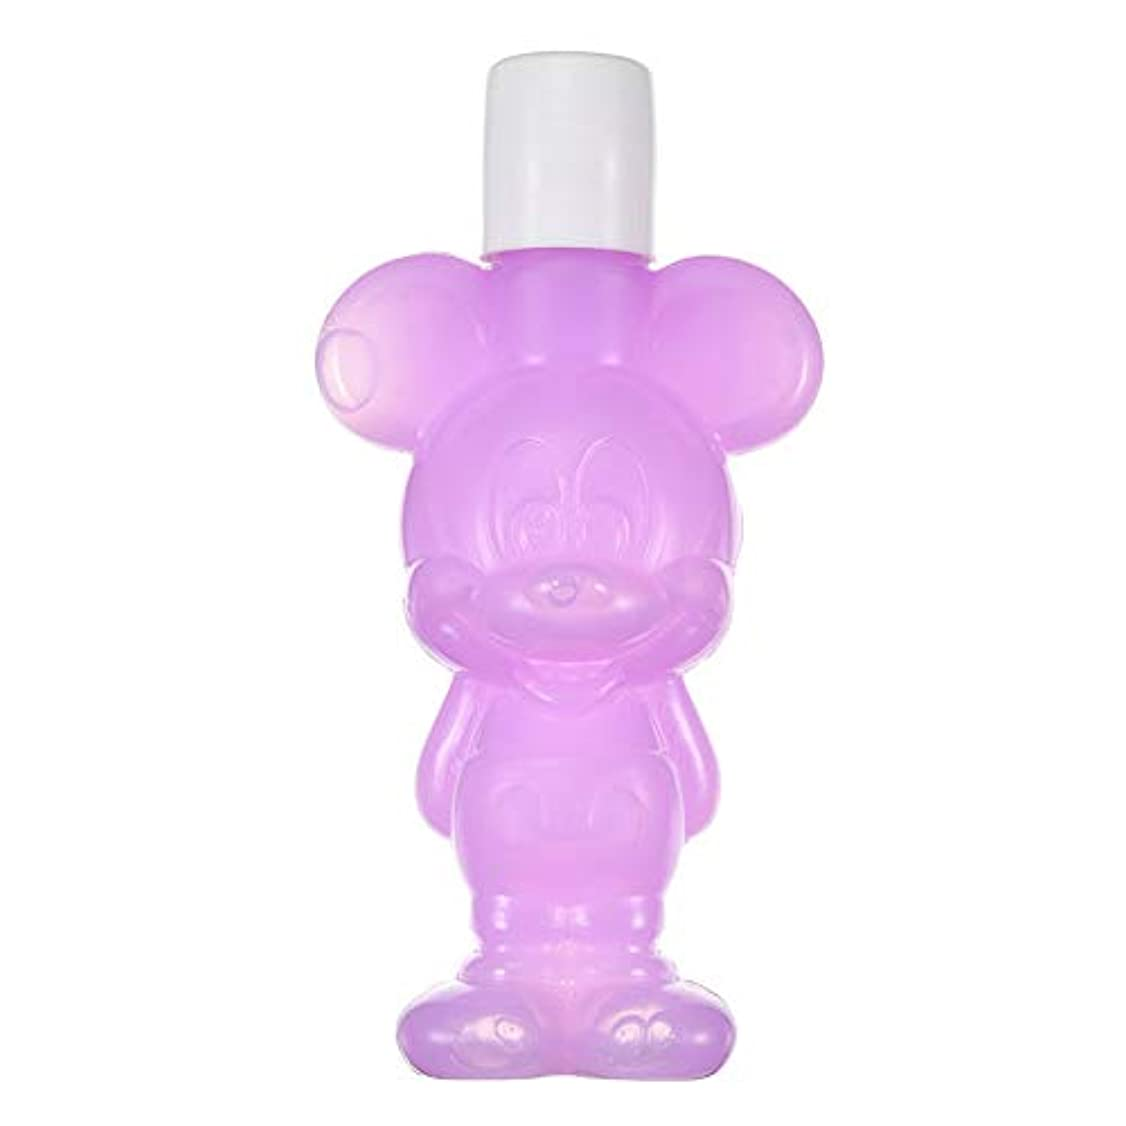 マイクロプロセッサ魔女失態ディズニーストア(公式)保湿ジェル ミッキー パープル Gummy Candy Cosme